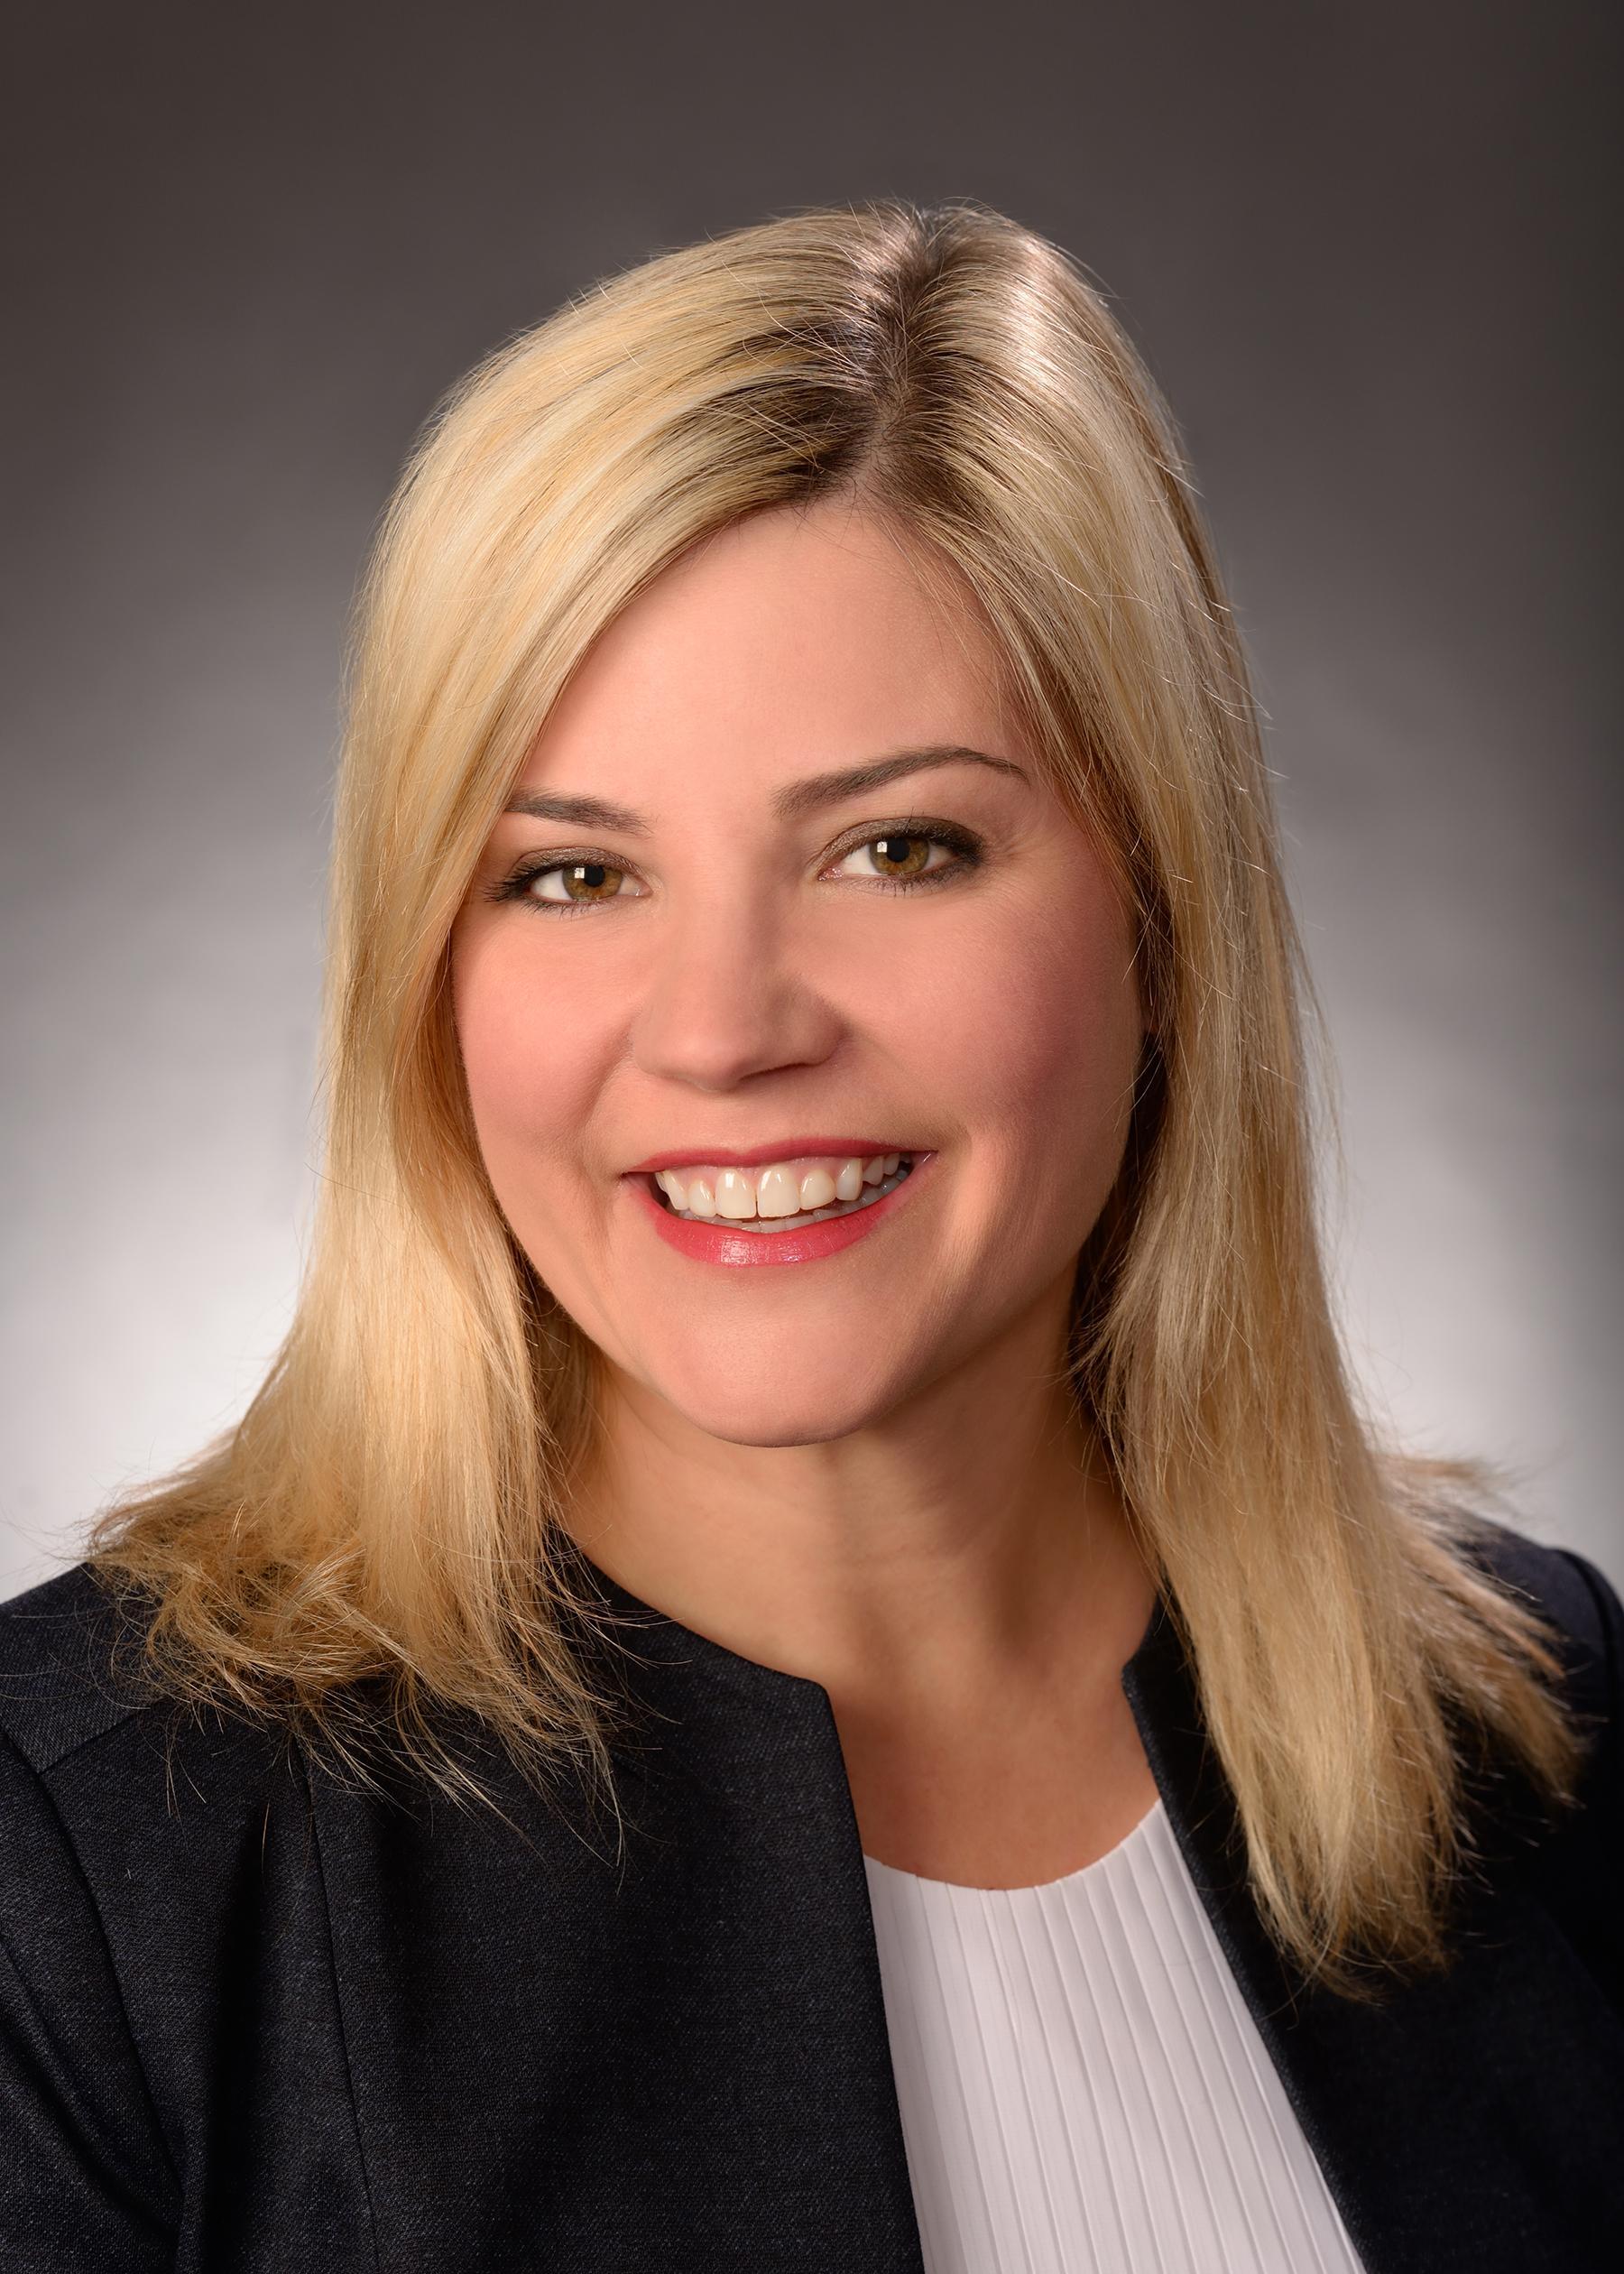 Kristen Eichhorn